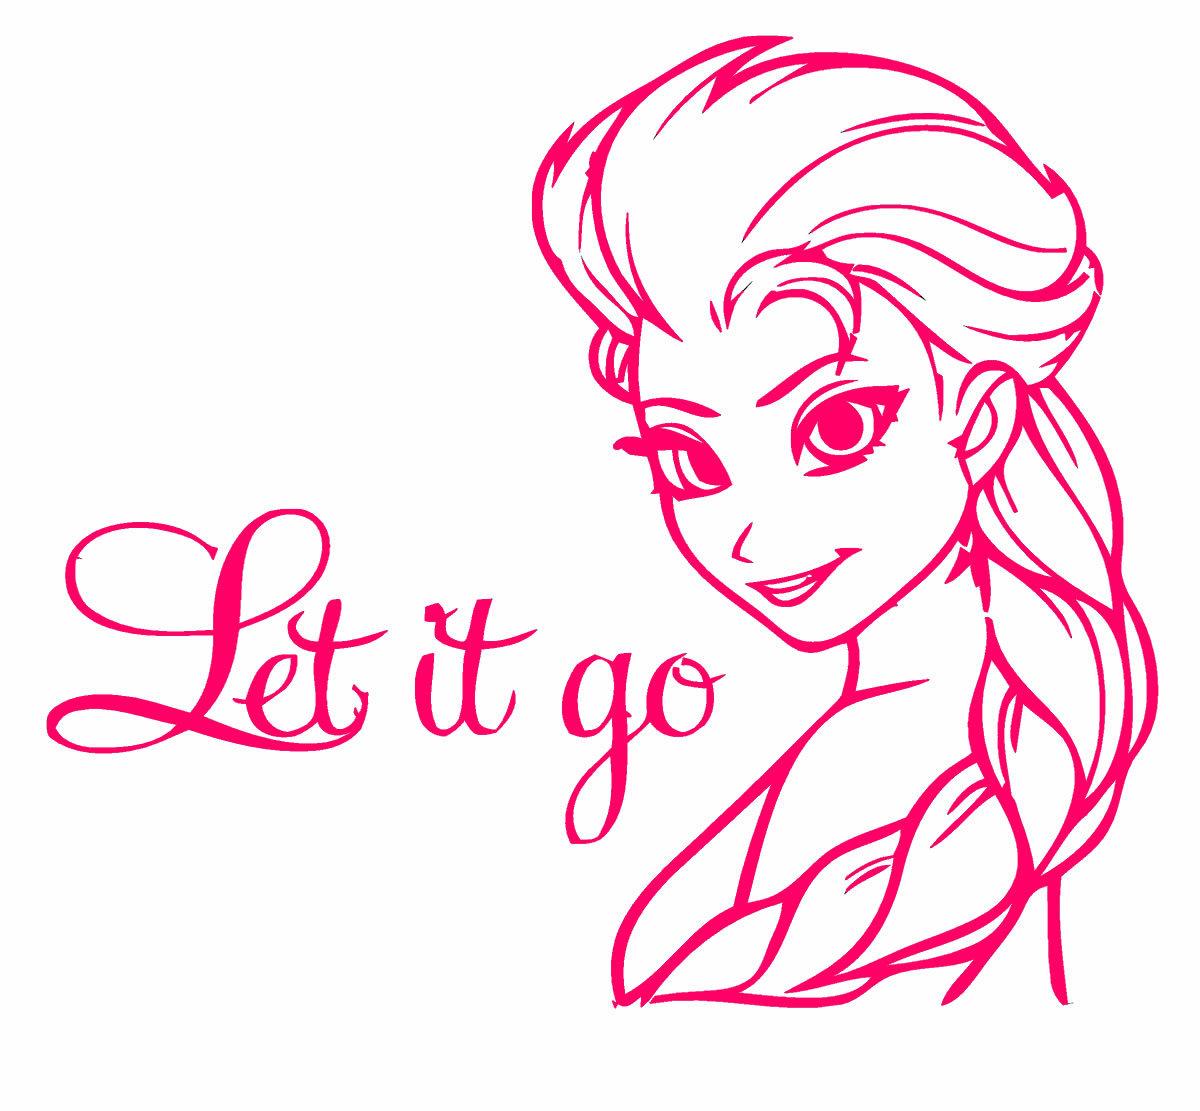 Frozen coloring pages let it go - Elsa Frozen Coloring Page Cartoon Coloring Pages Of Pagestocoloring